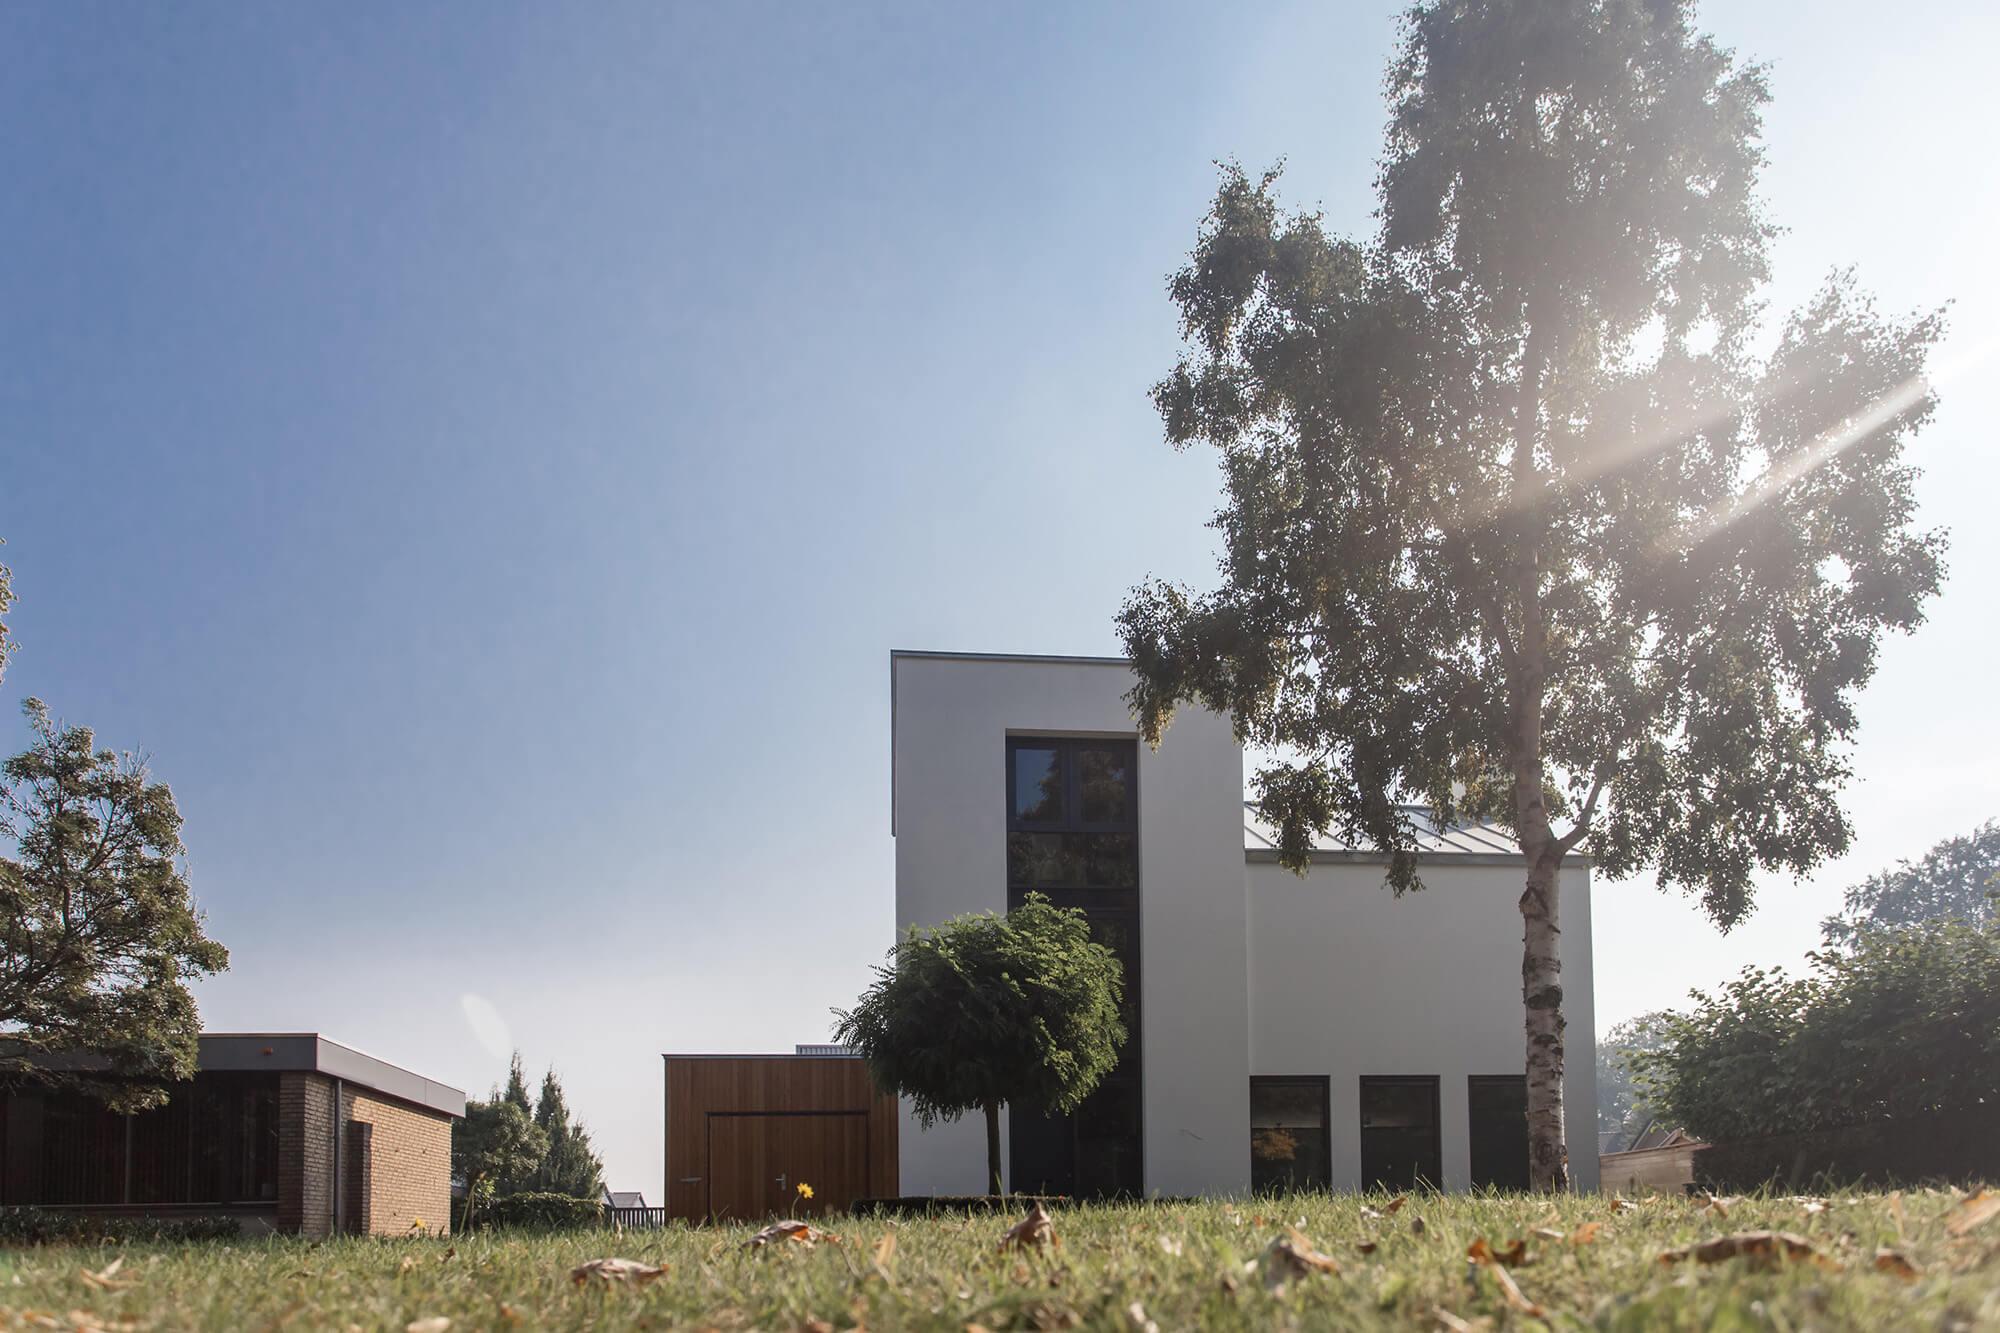 moderne woning bouwen